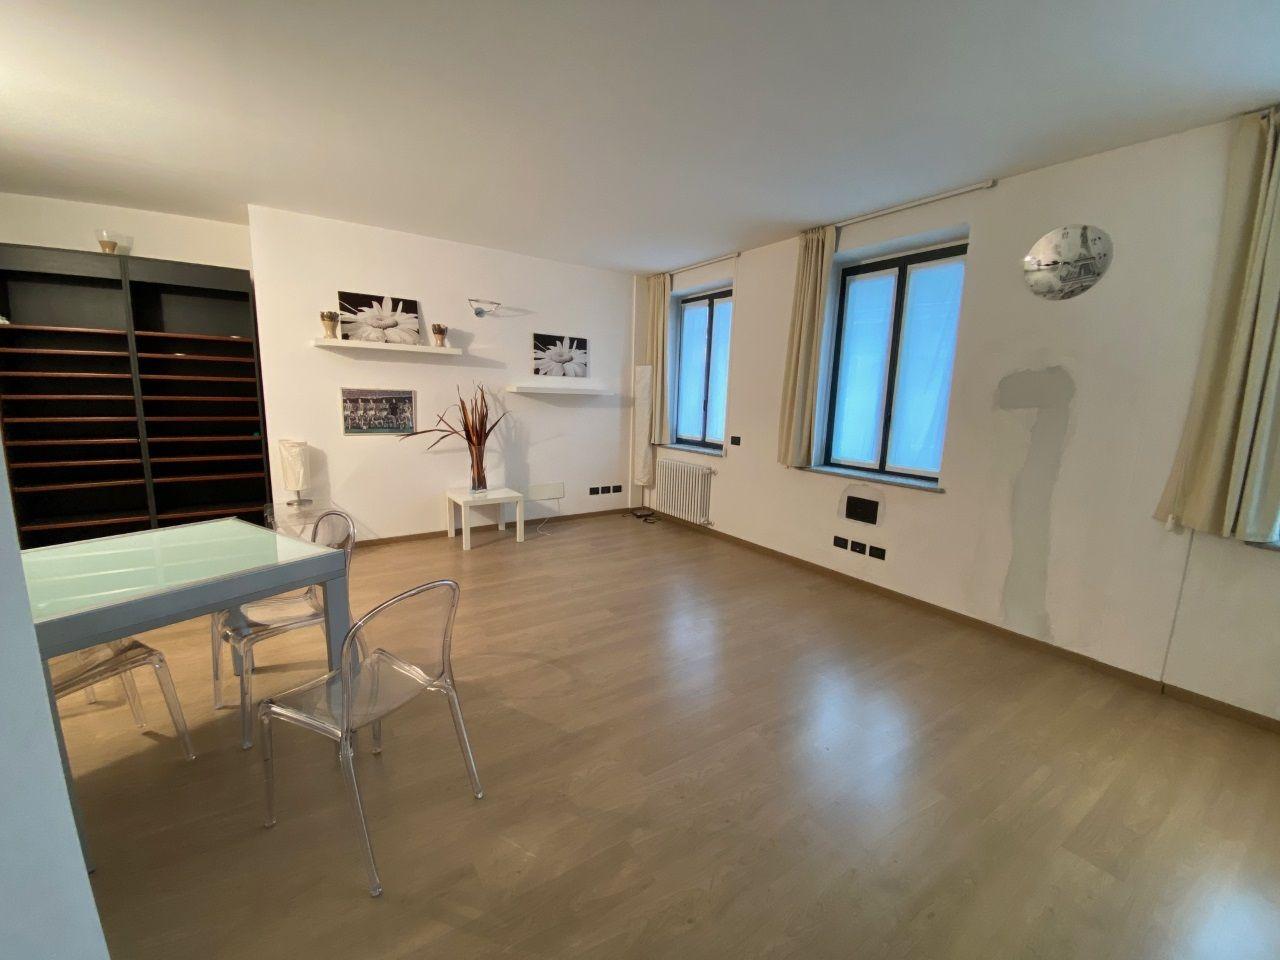 21 Zimmer Wohnung in Verbania Intra Zentrum mit Lift AA21